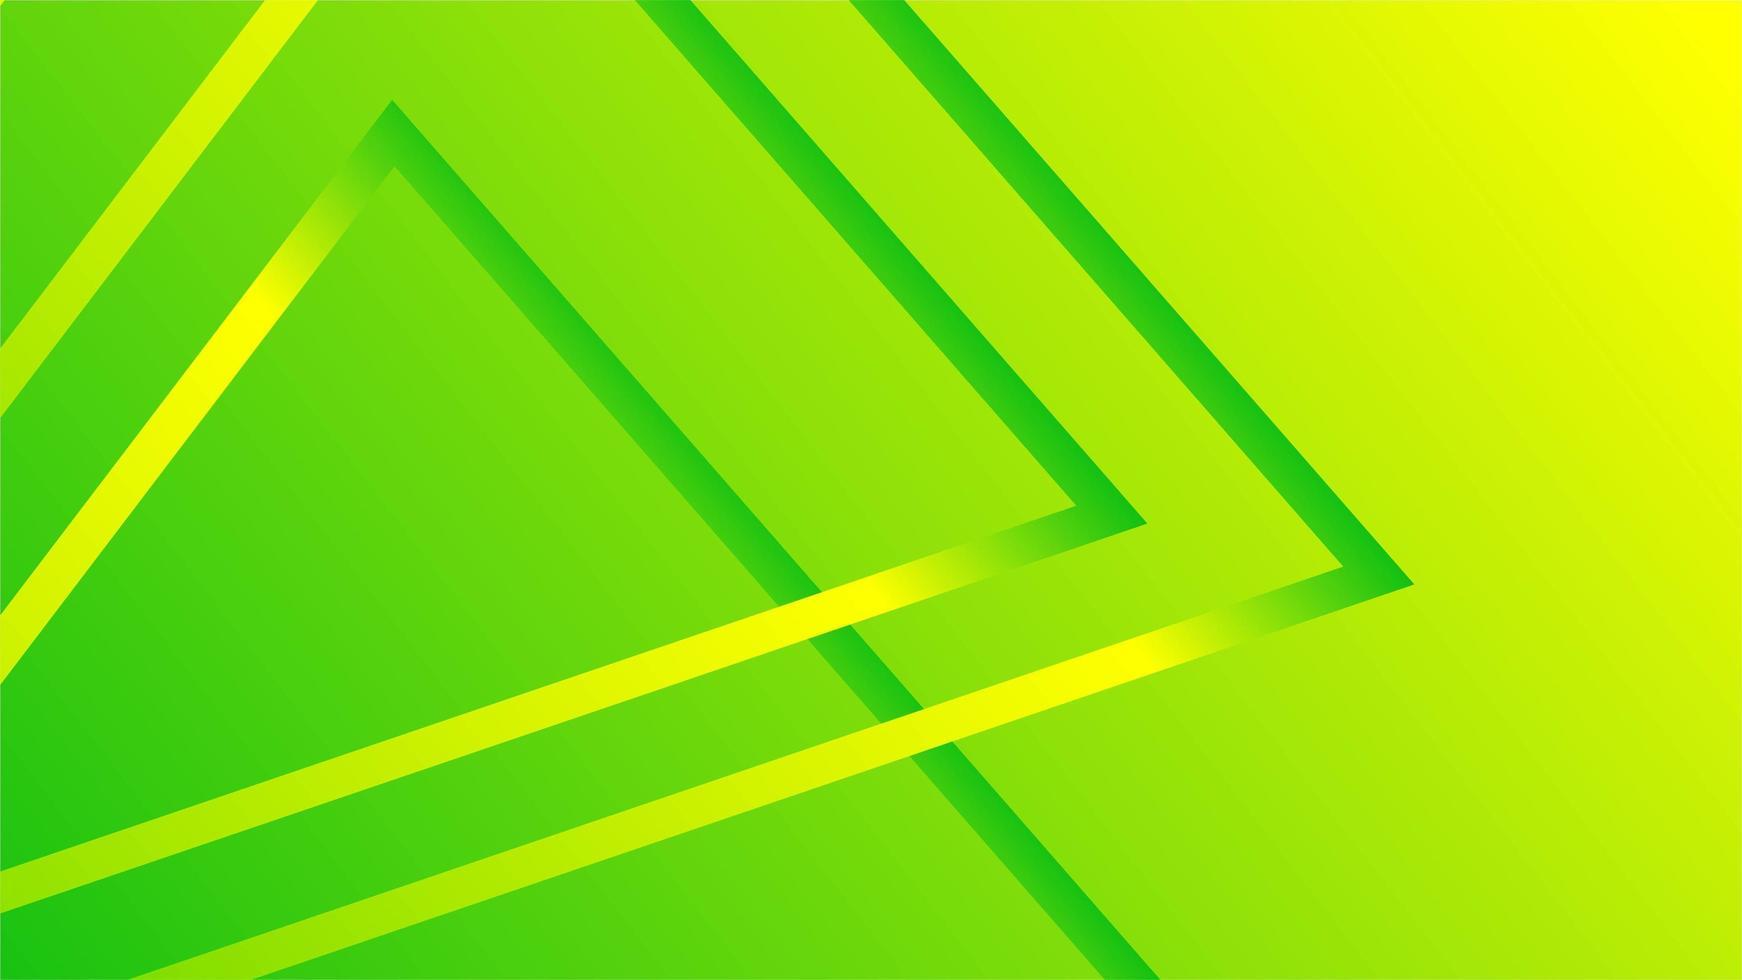 fond géométrique vert jaune néon vecteur